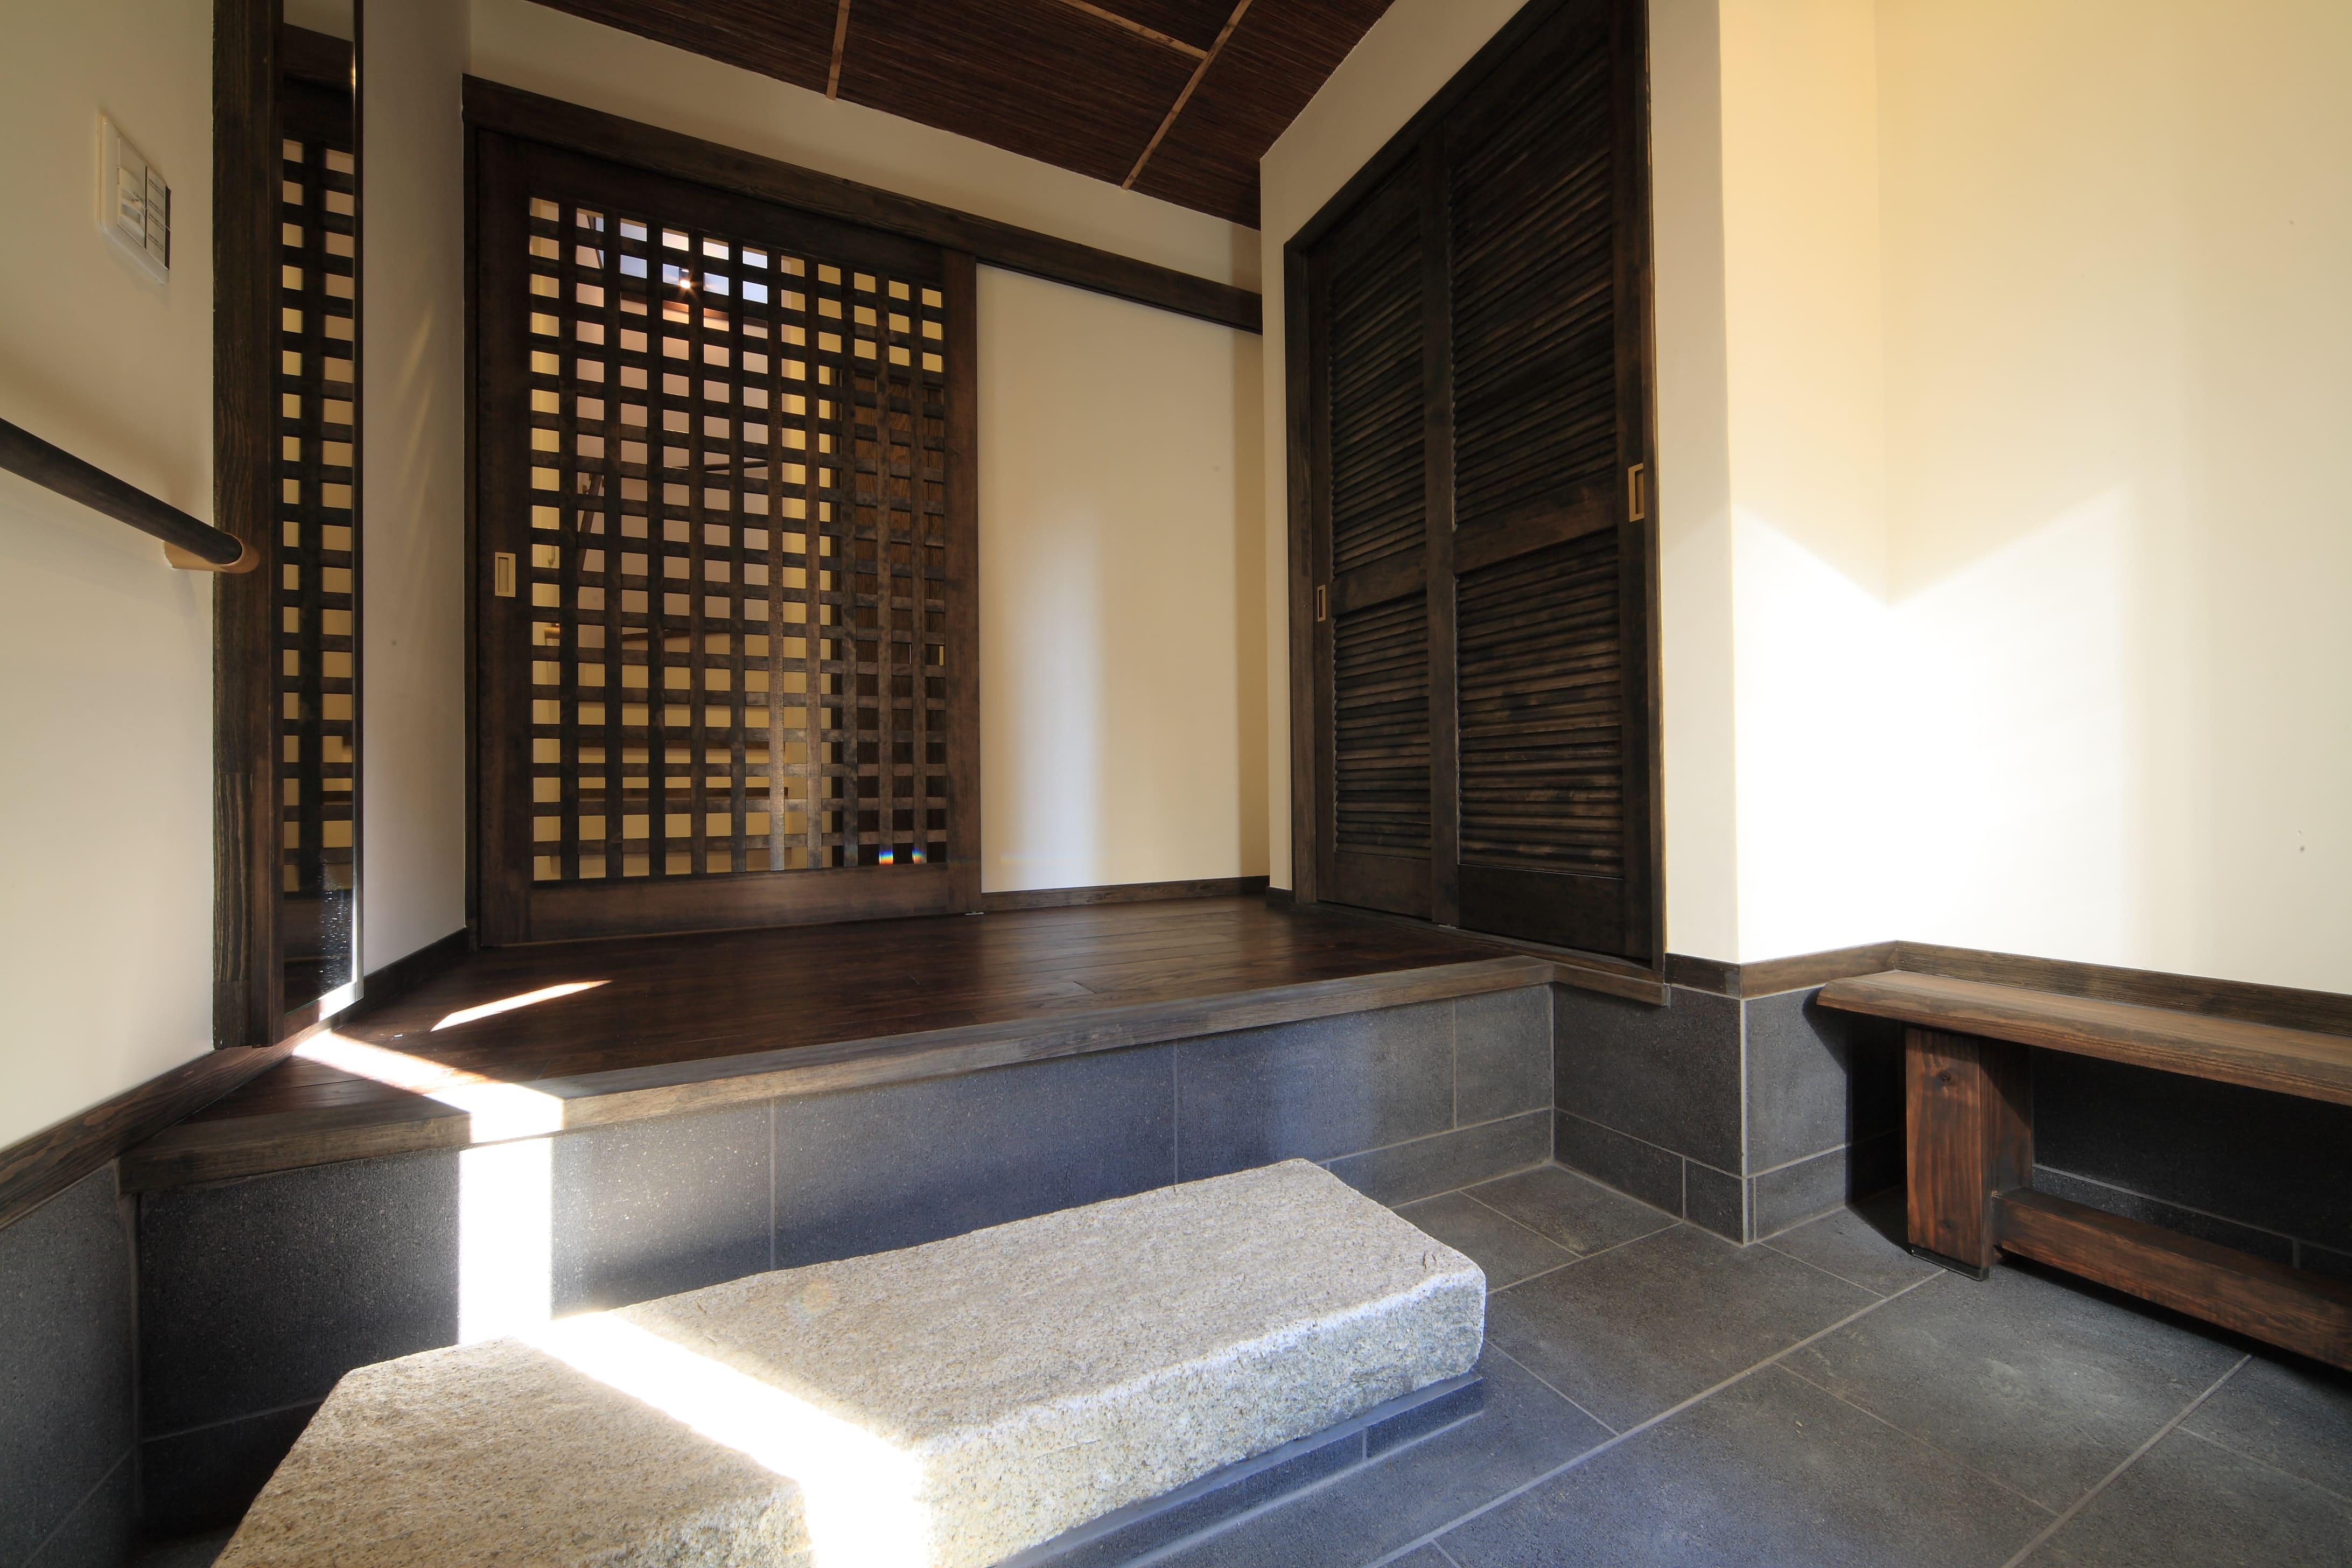 和モダンの玄関:土間からあがると格子の引き戸が美しい